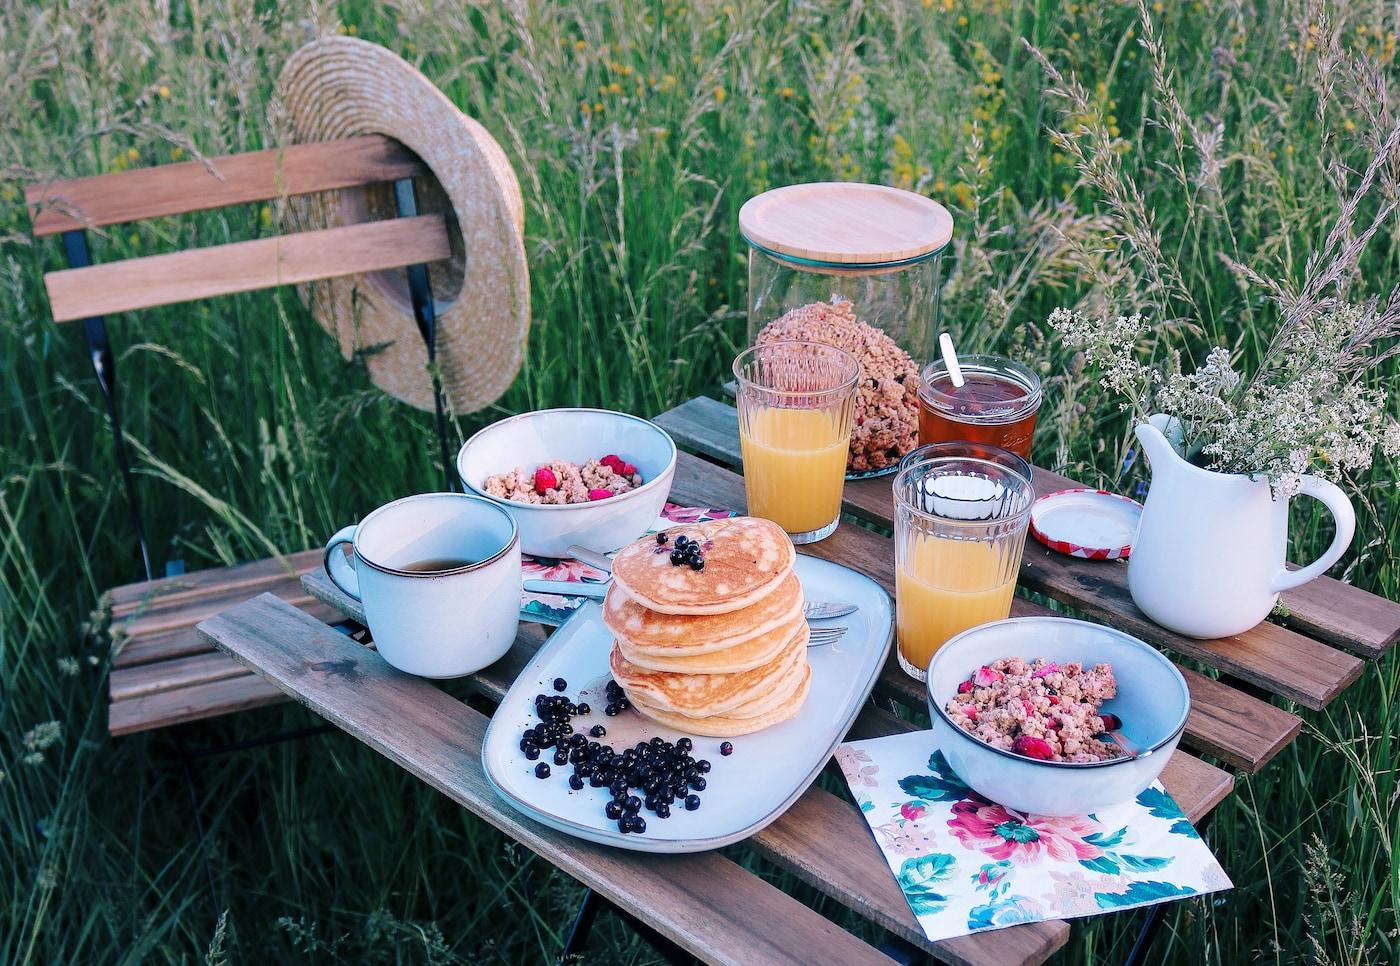 Kreiere dein perfektes Sommer- Frühstück in der Natur